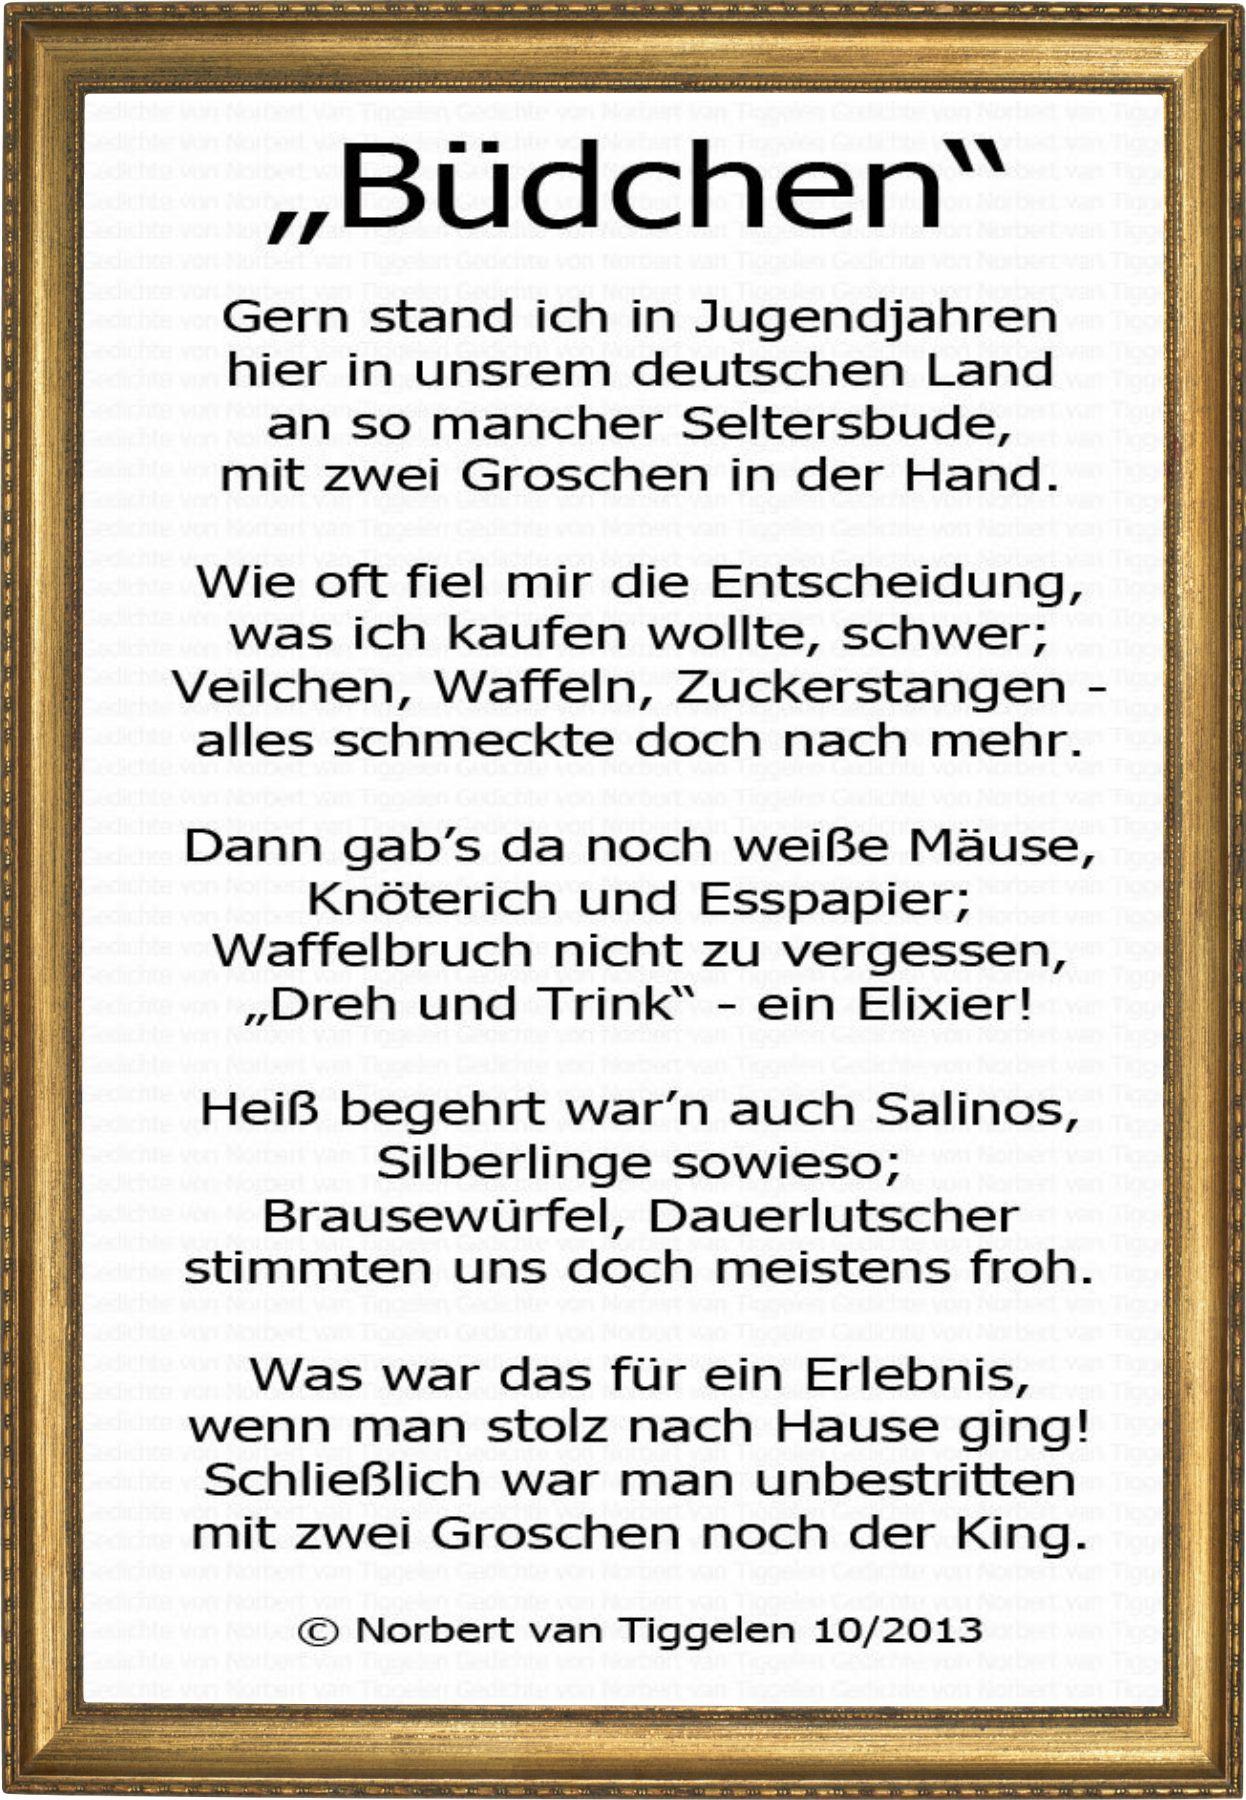 Tolle Wohnmobil Rahmen Zum Verkauf Galerie - Rahmen Ideen ...